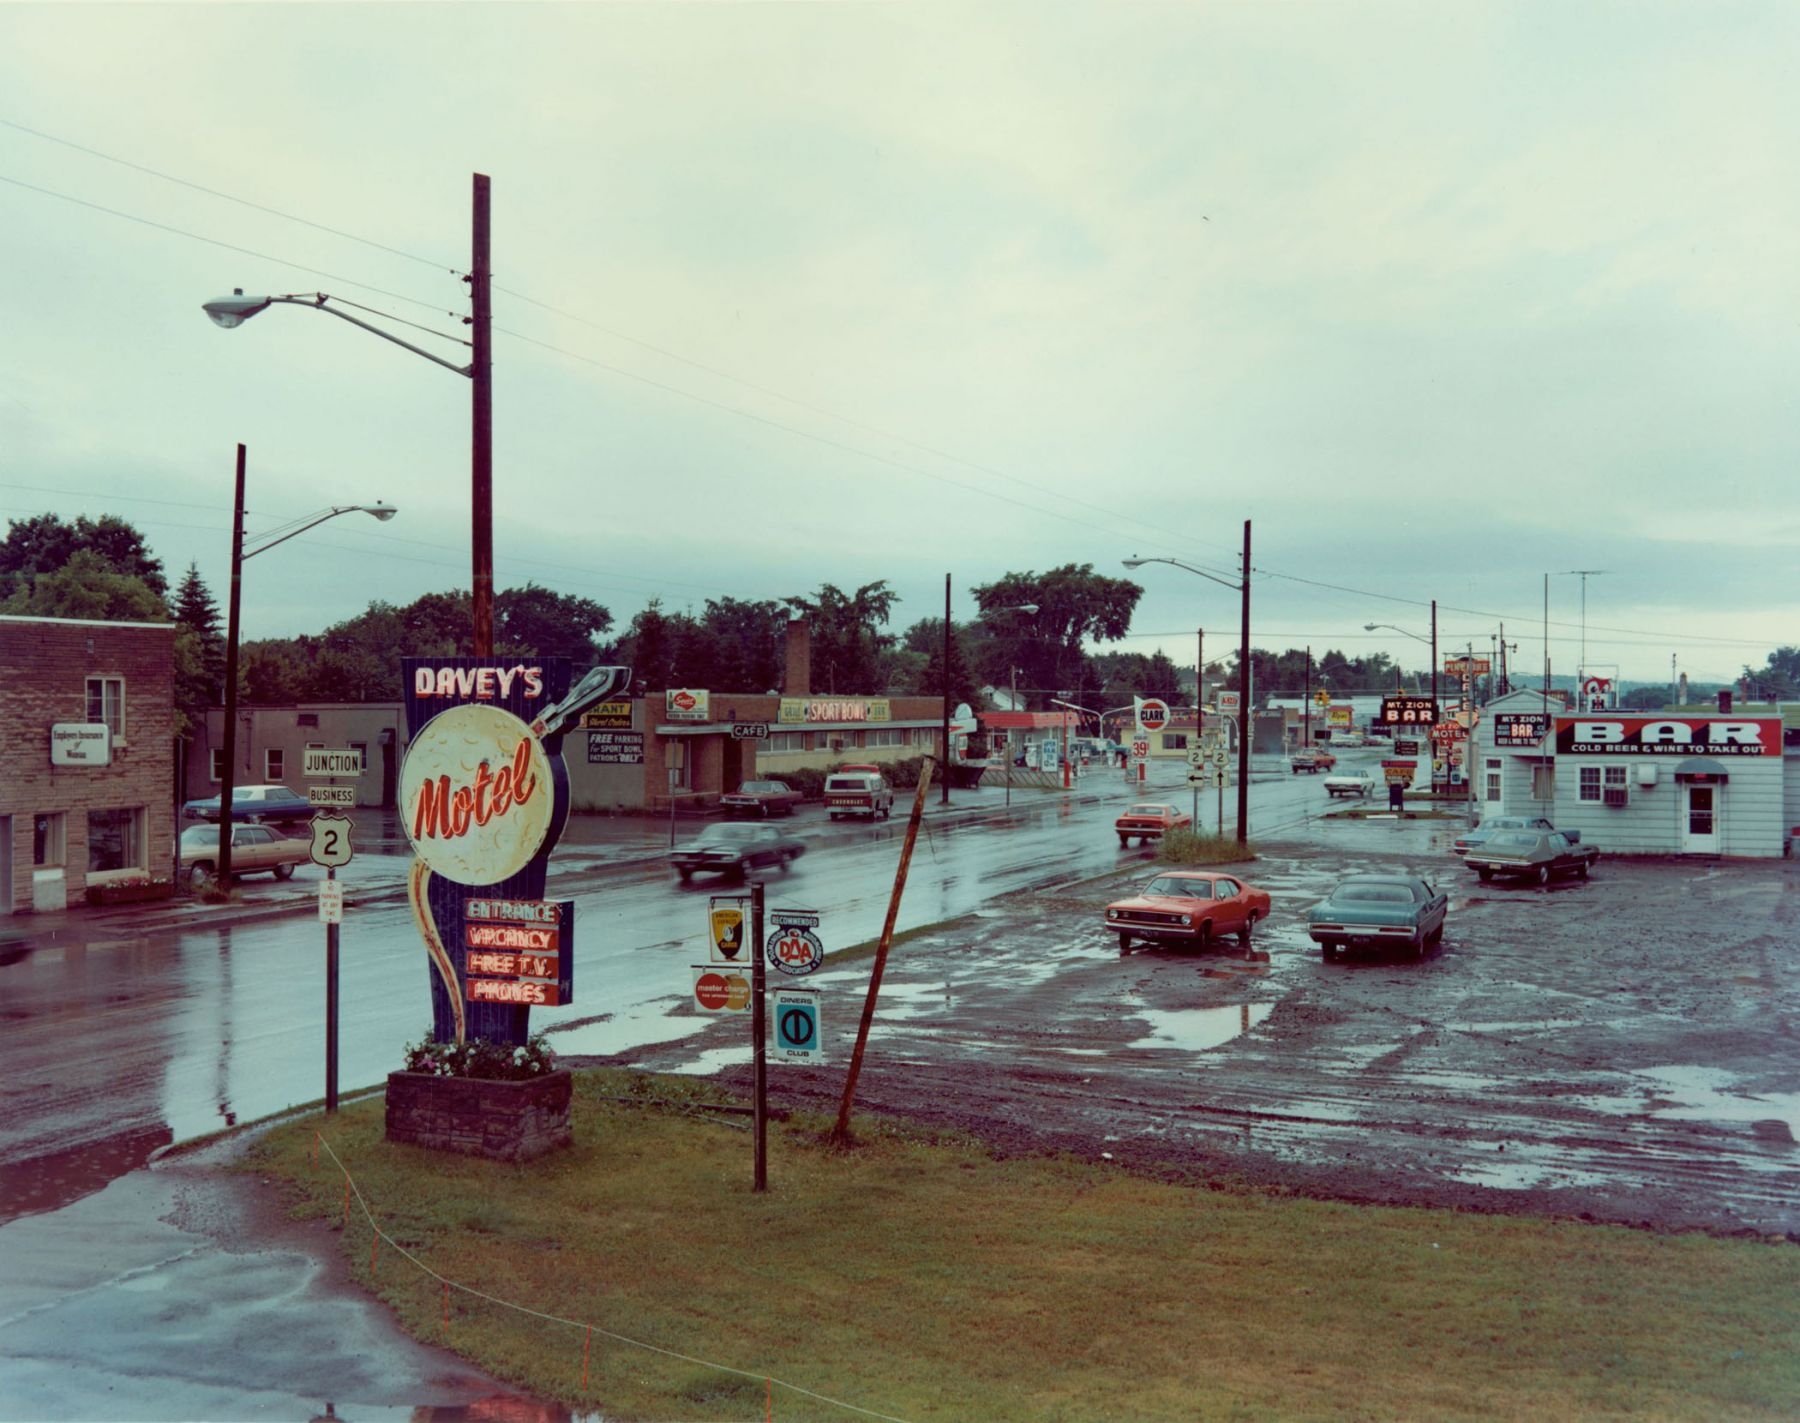 stephen shore U.S. 2, Ironwood, Michigan, July 9, 1973